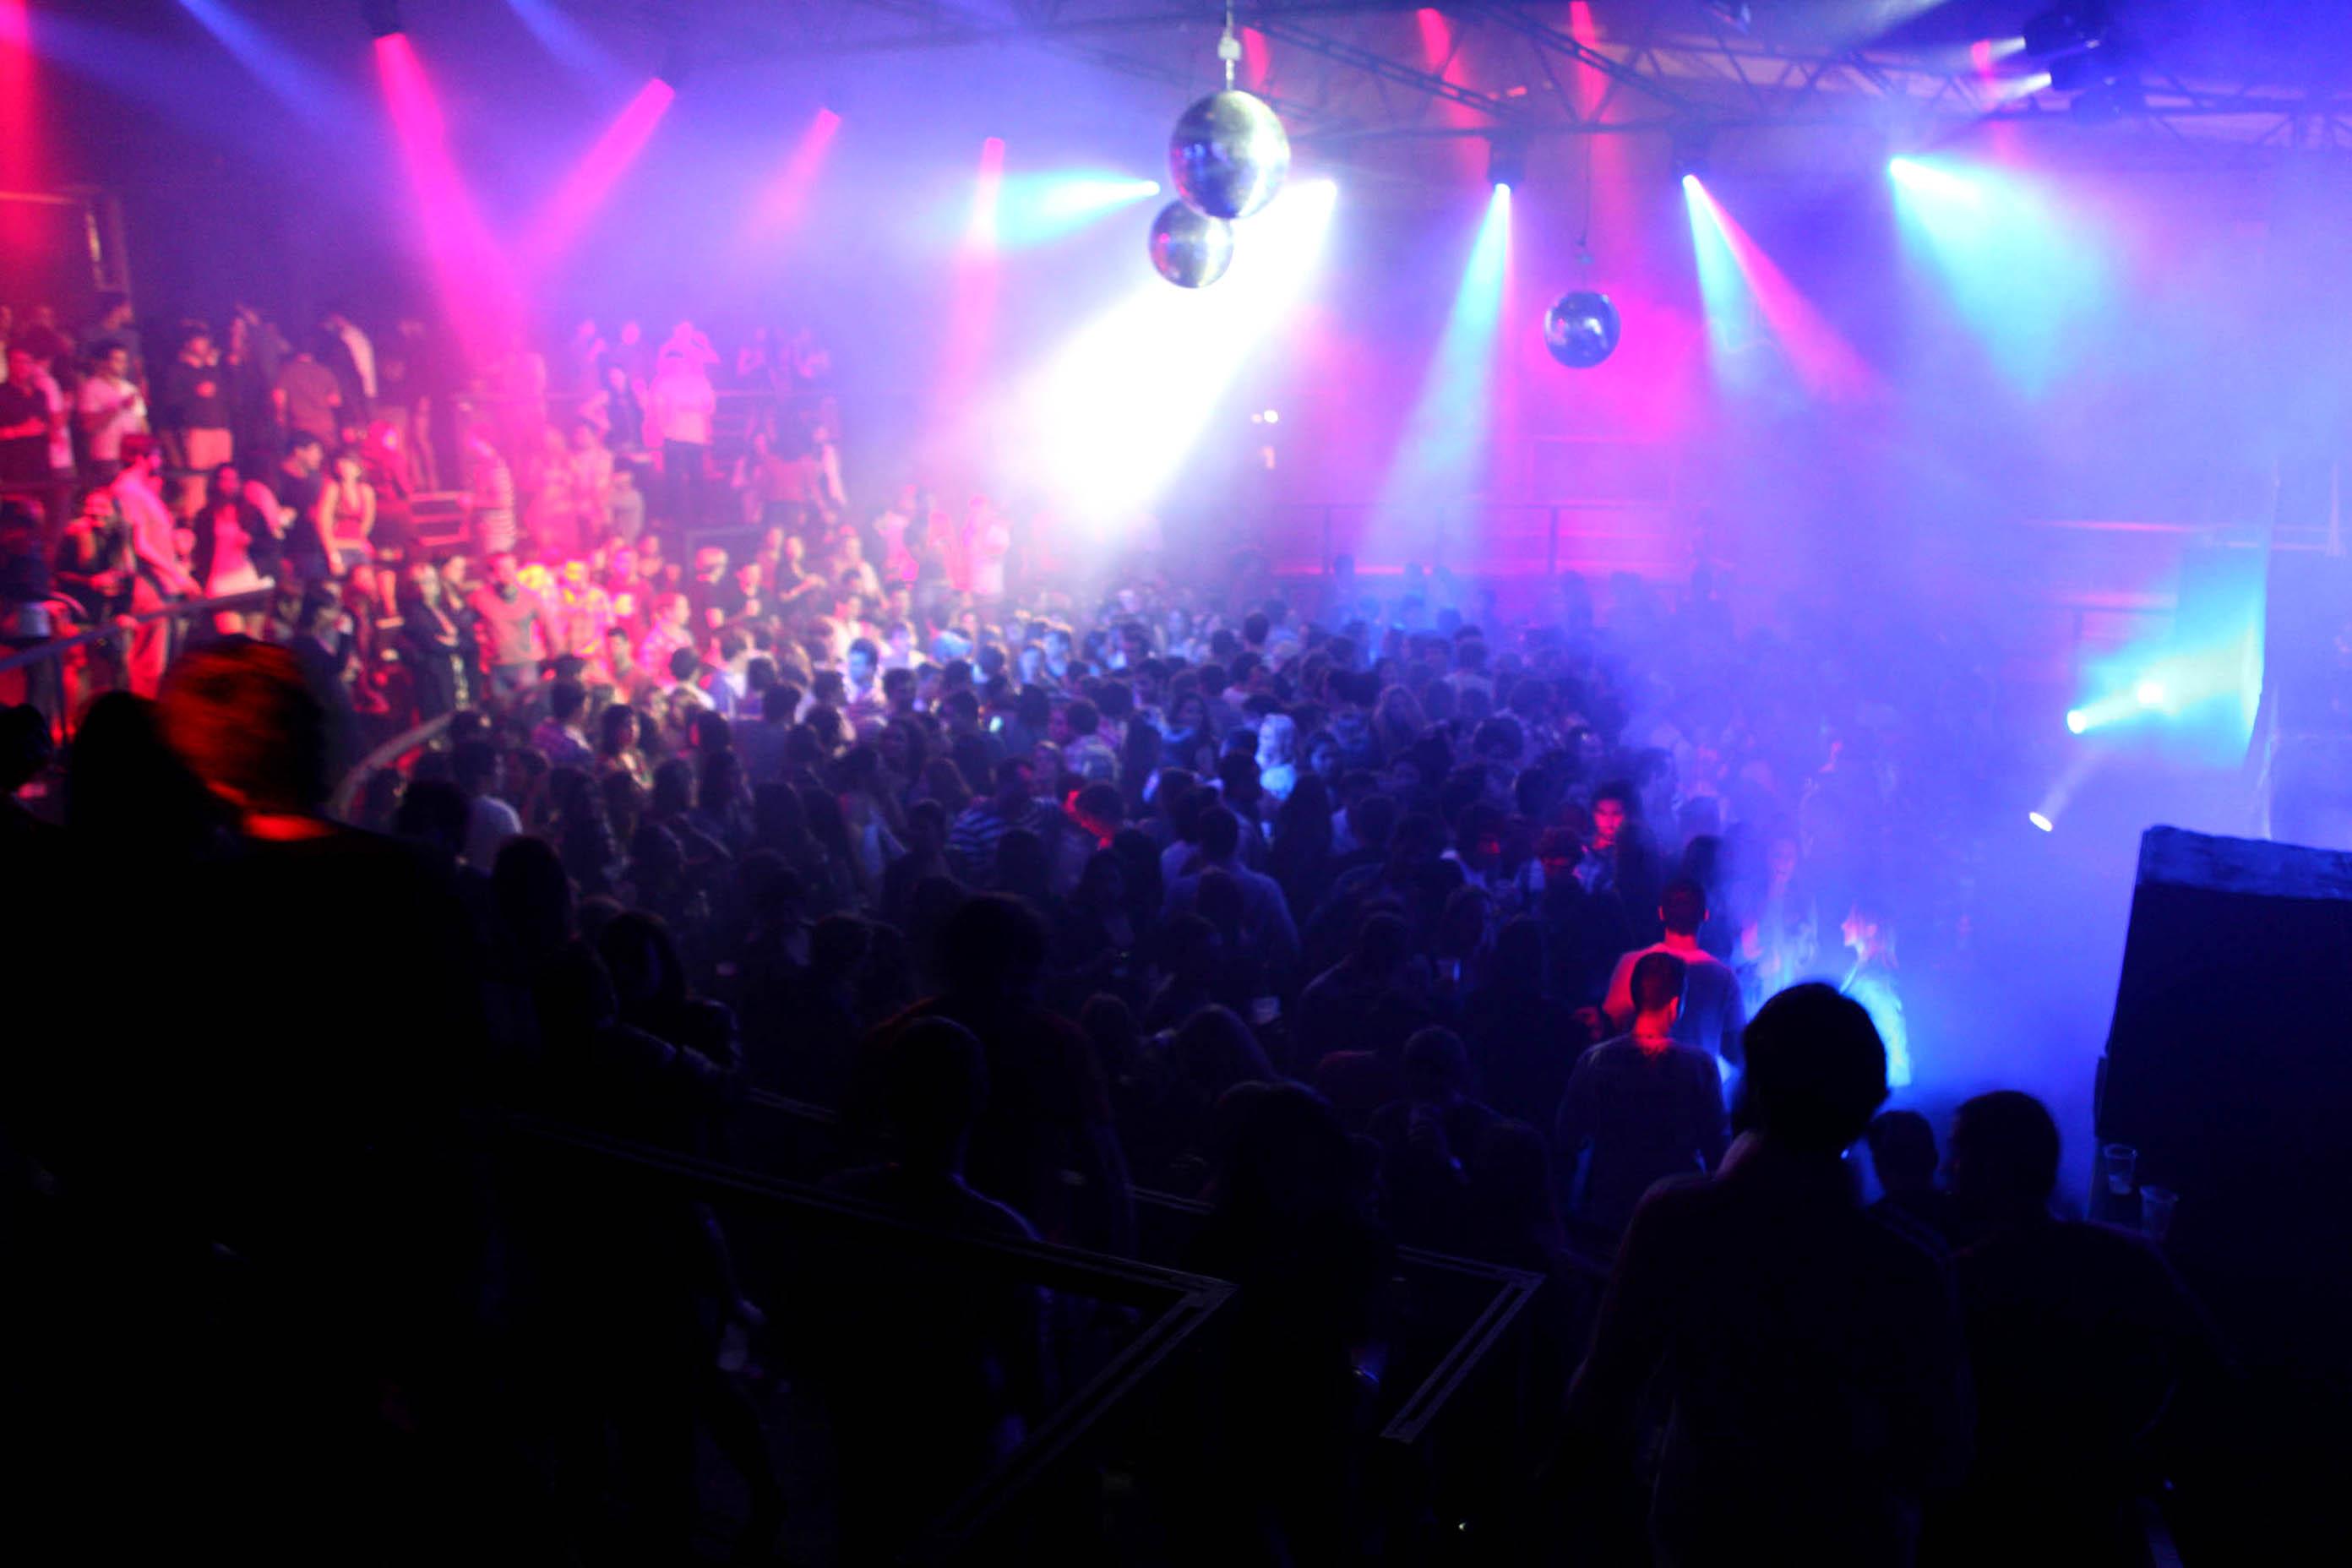 Rio de Janeiro New Year's Party